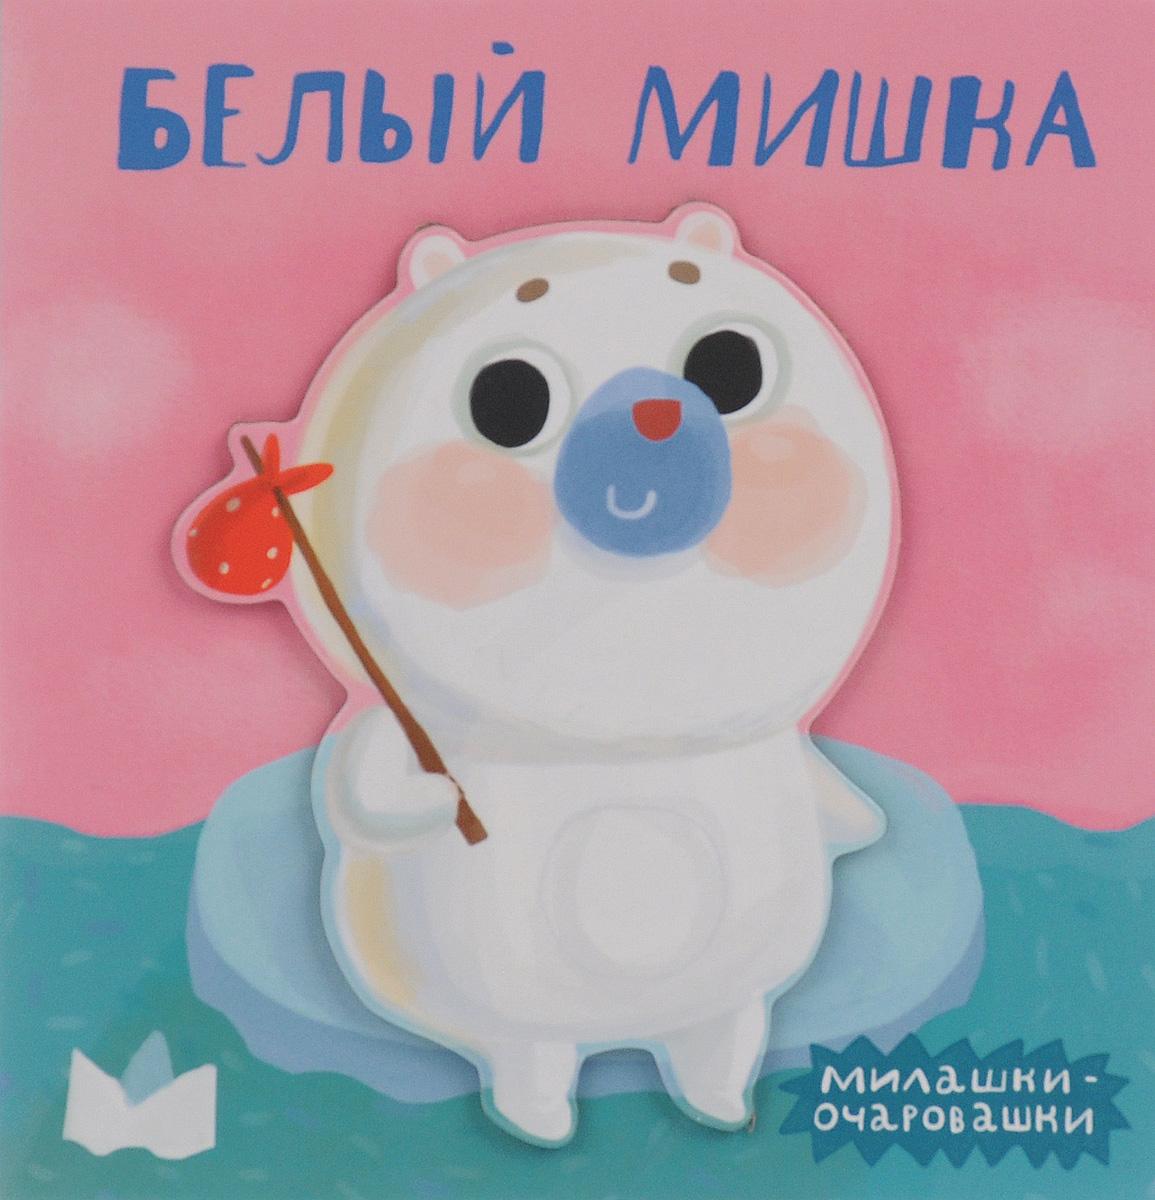 Белый мишка. Мария Романова